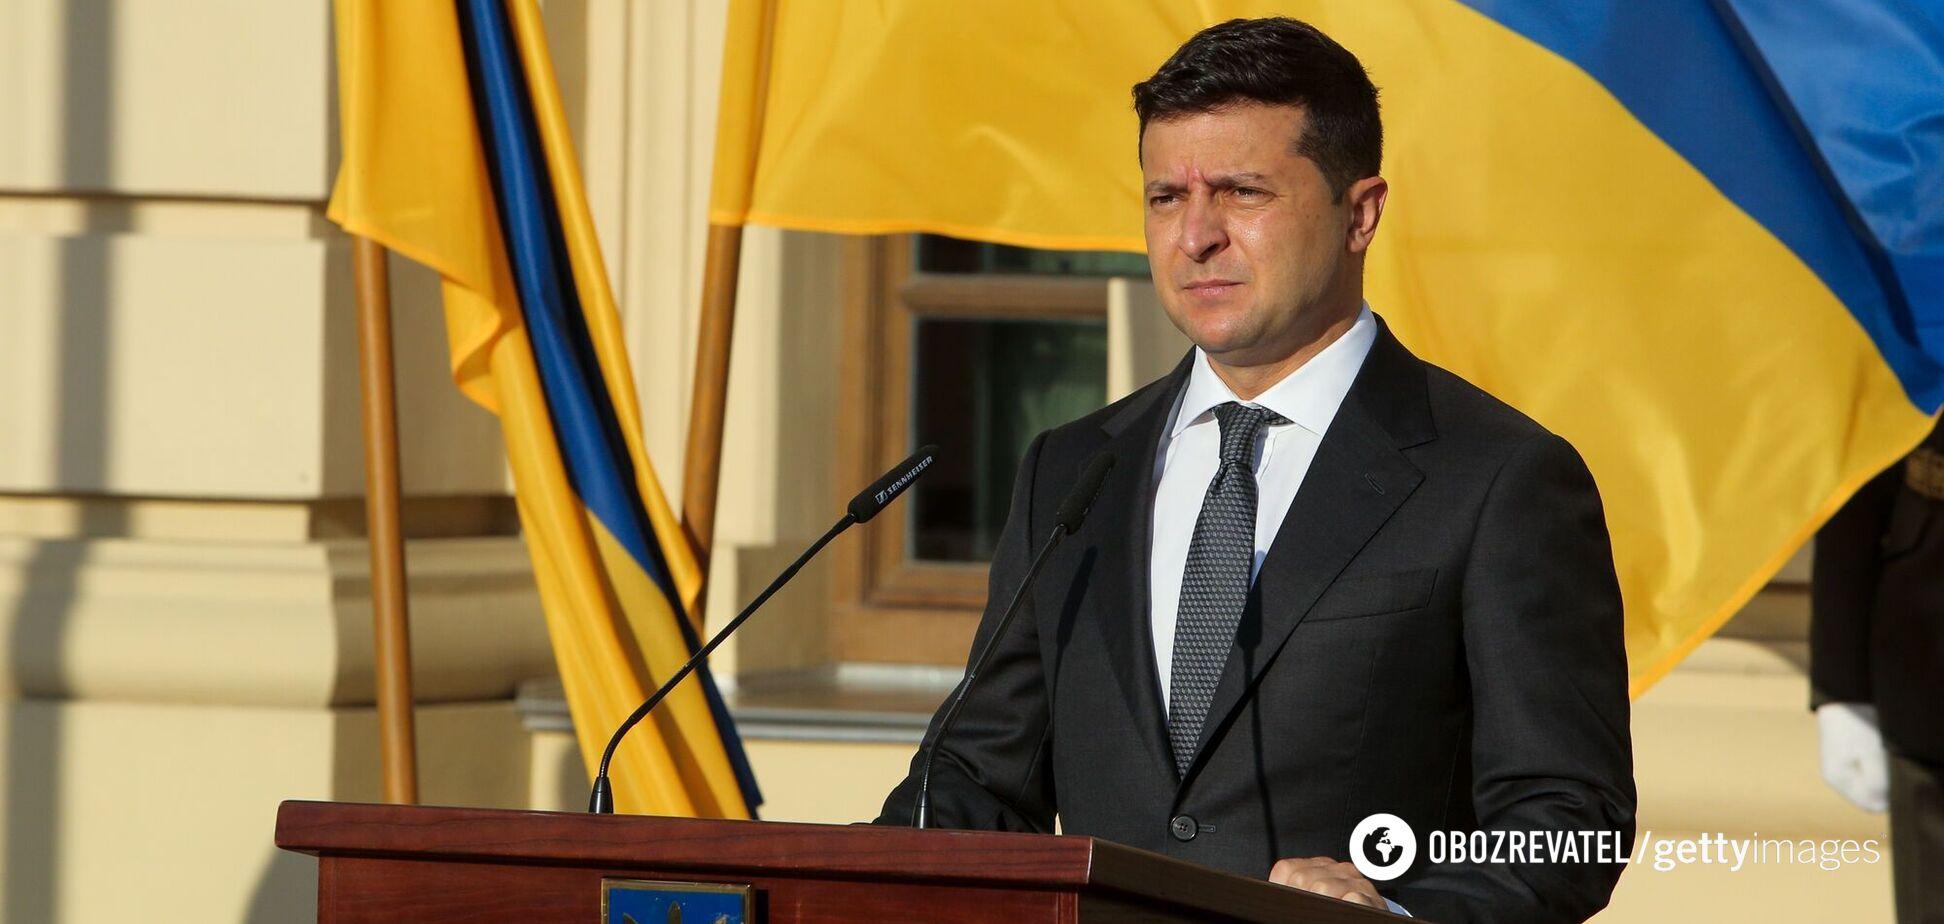 Зеленский предложил спросить о легализации оружия и двойном гражданстве